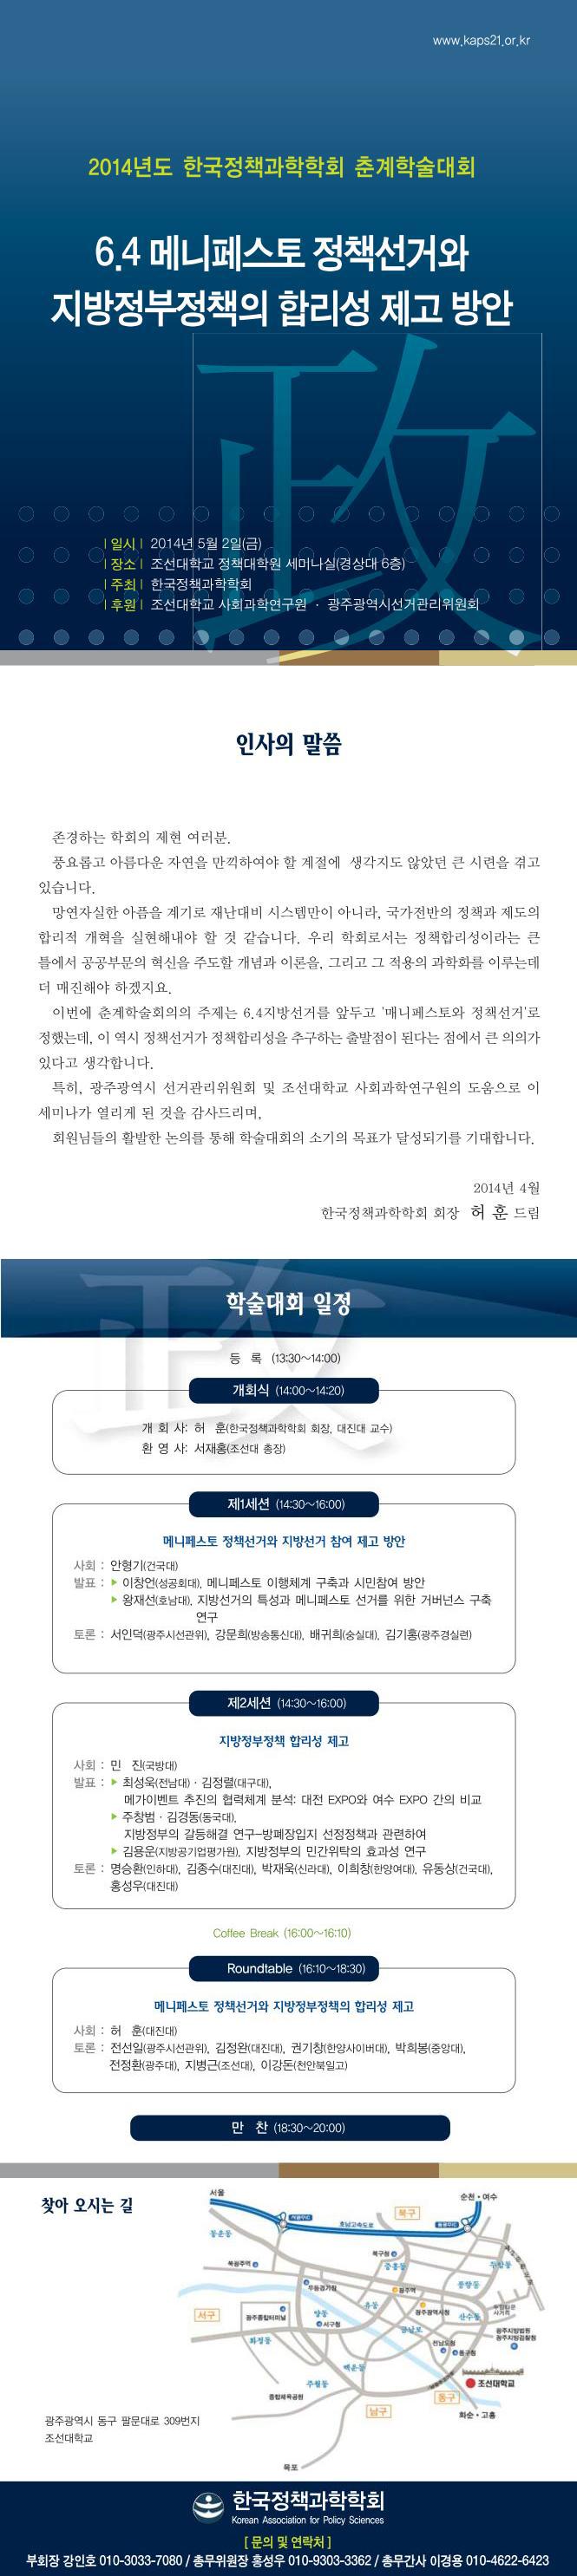 2014kaps_sp_invite_all.jpg